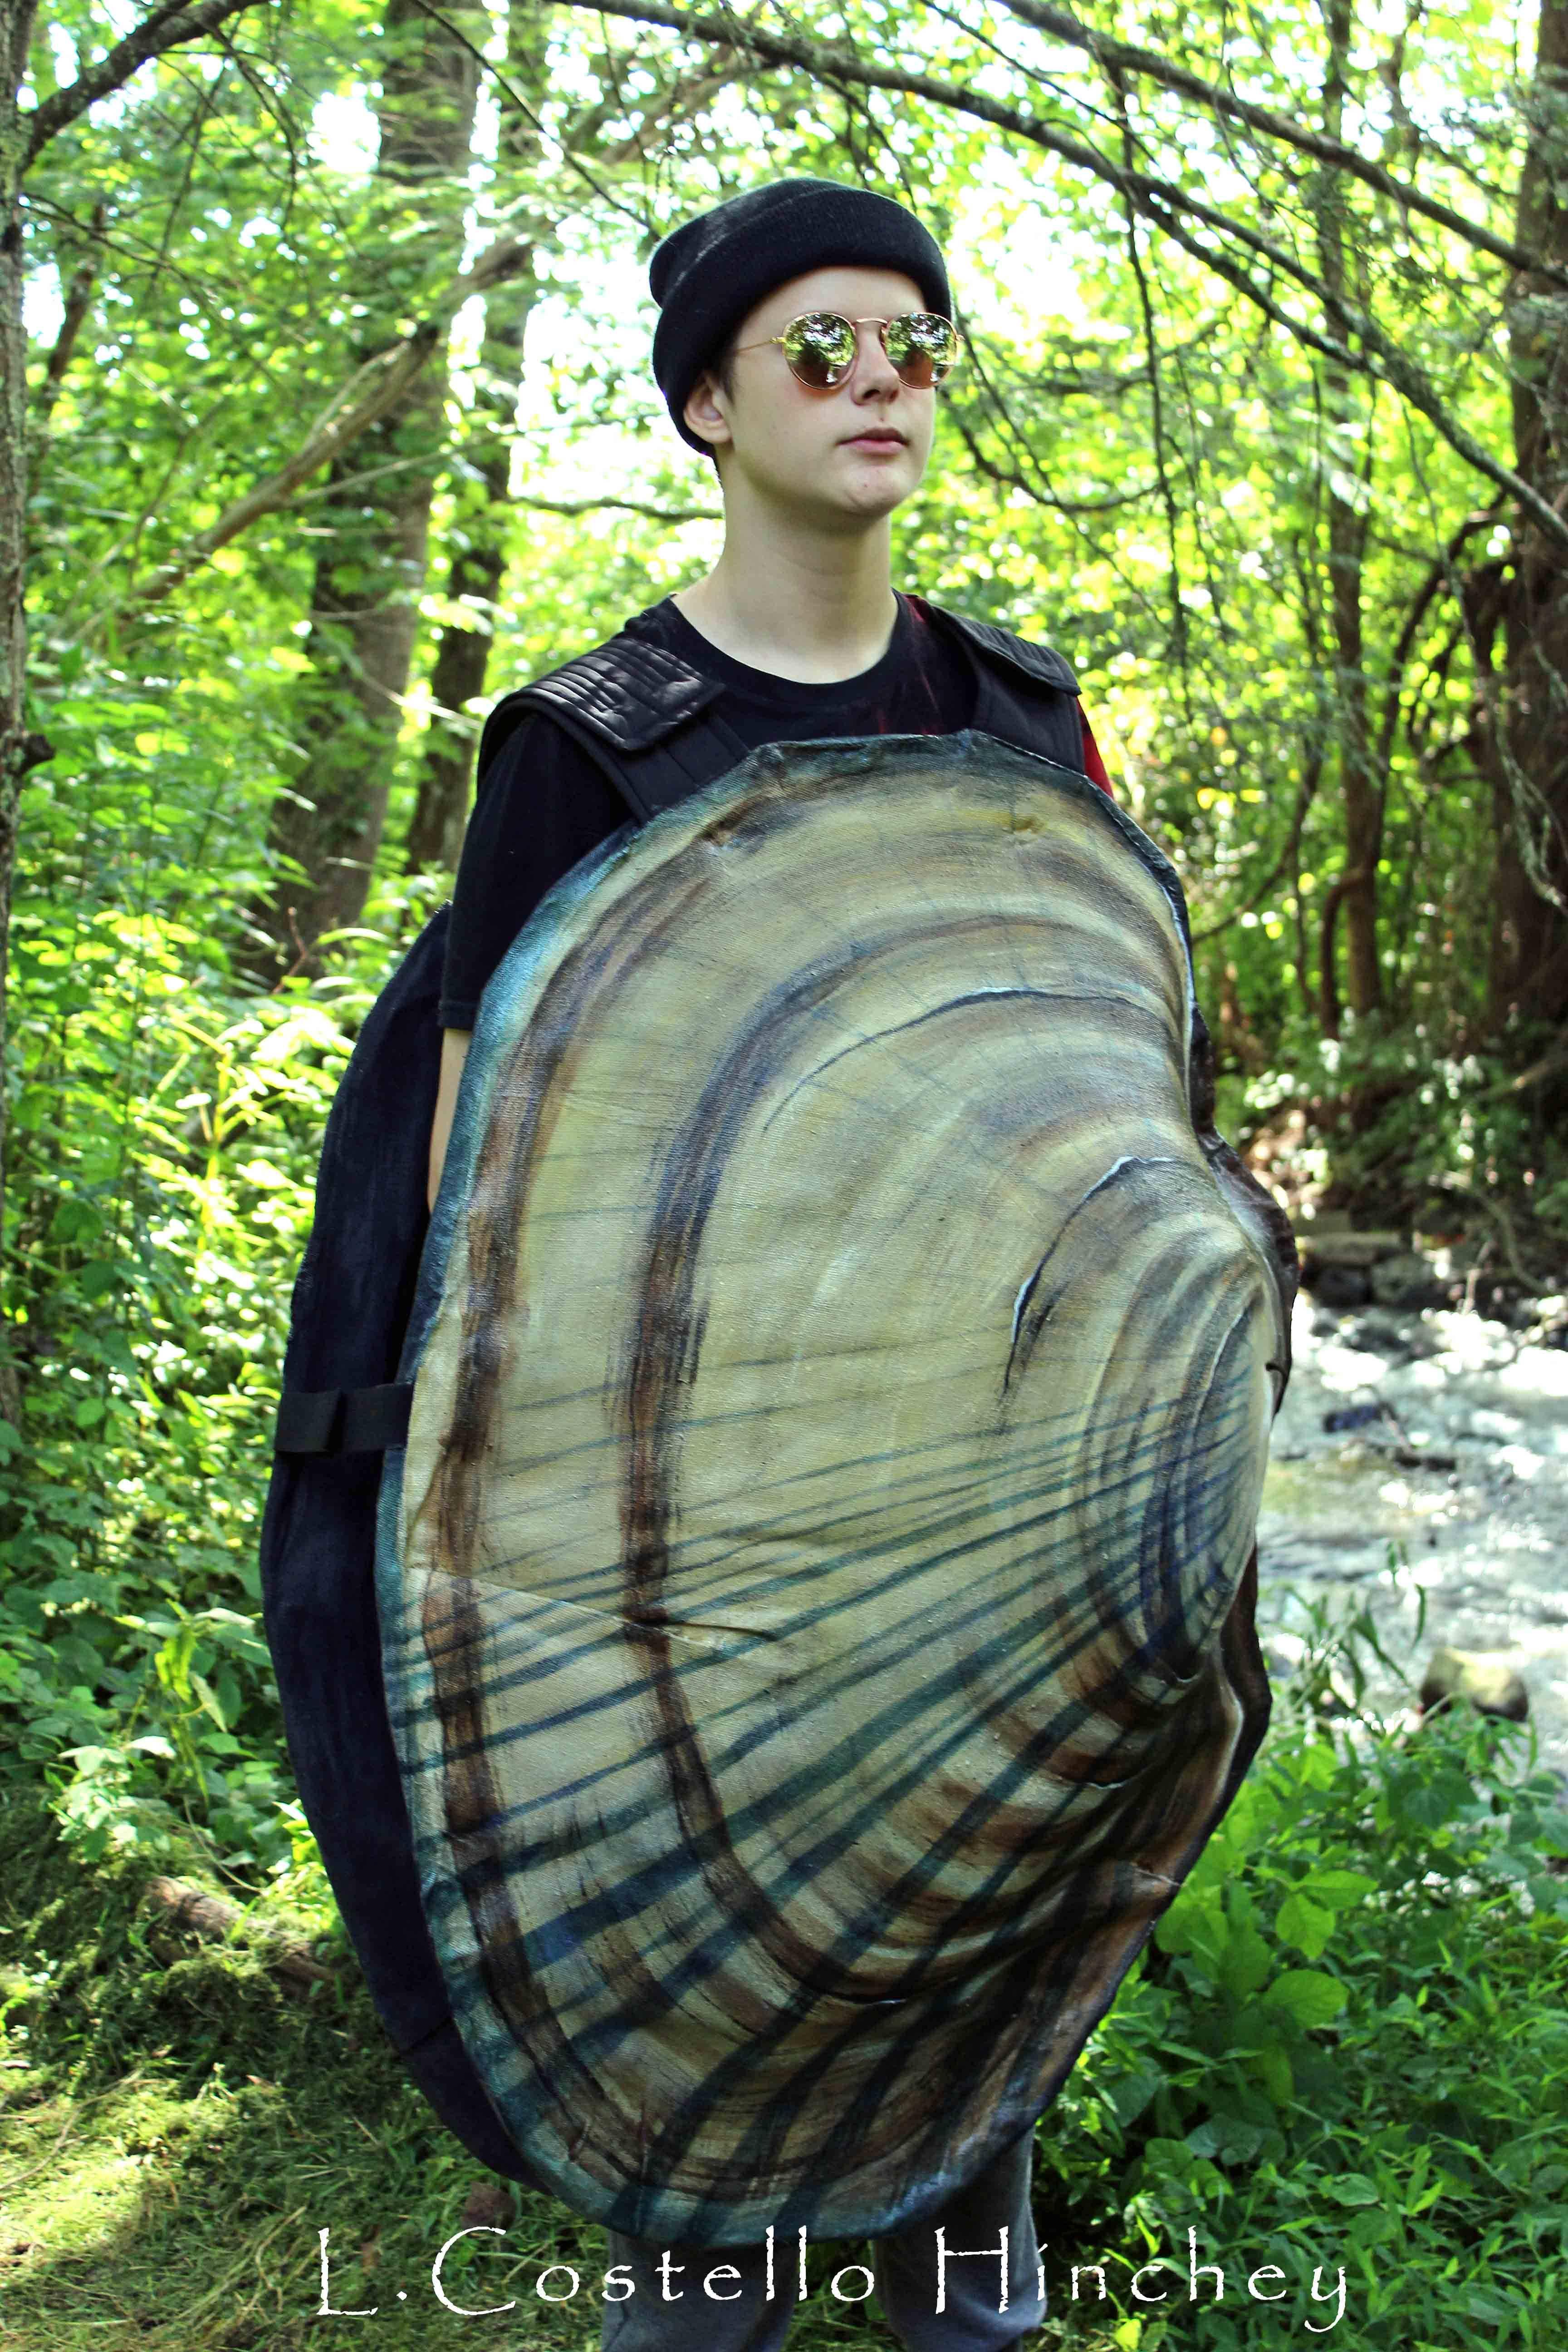 Tidewater Mucket Mussel Costume www.chstudios.net